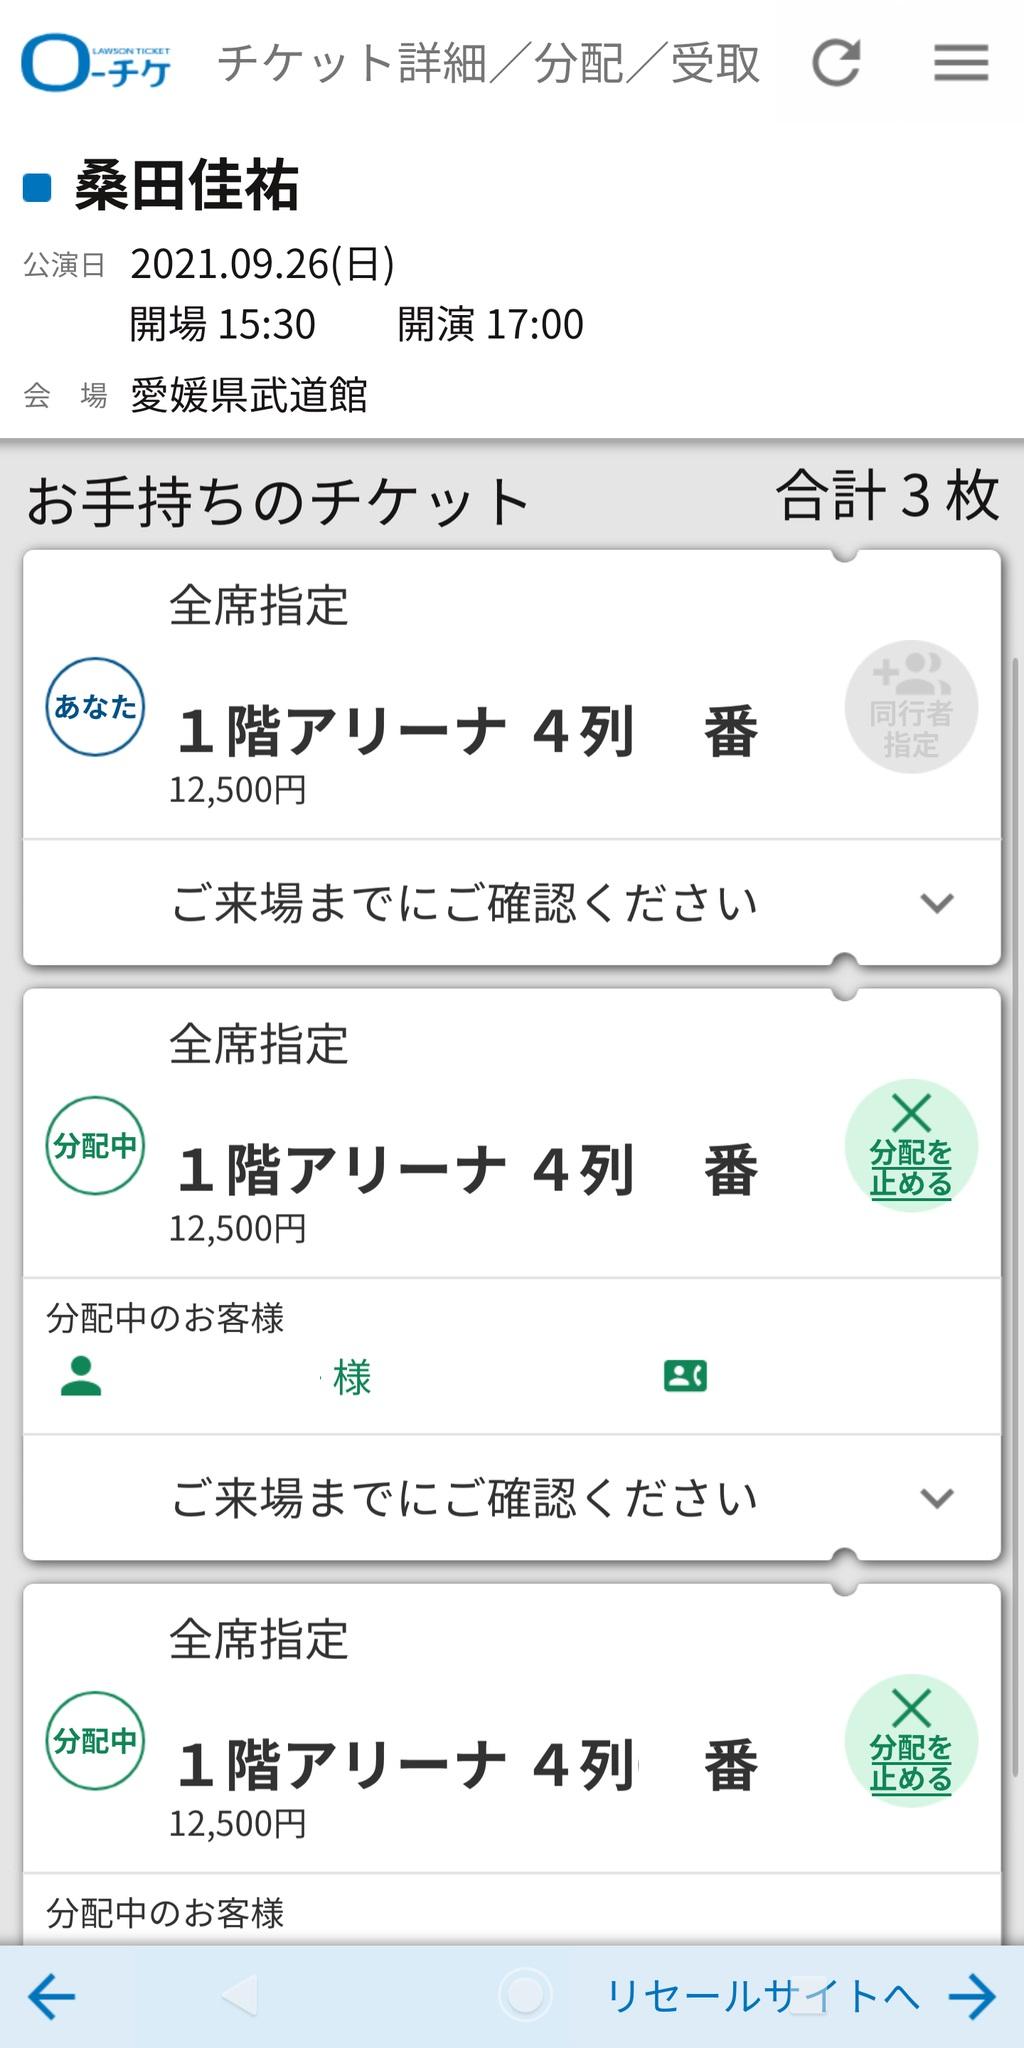 桑田佳祐ライブ愛媛県武道館は4列目でした!